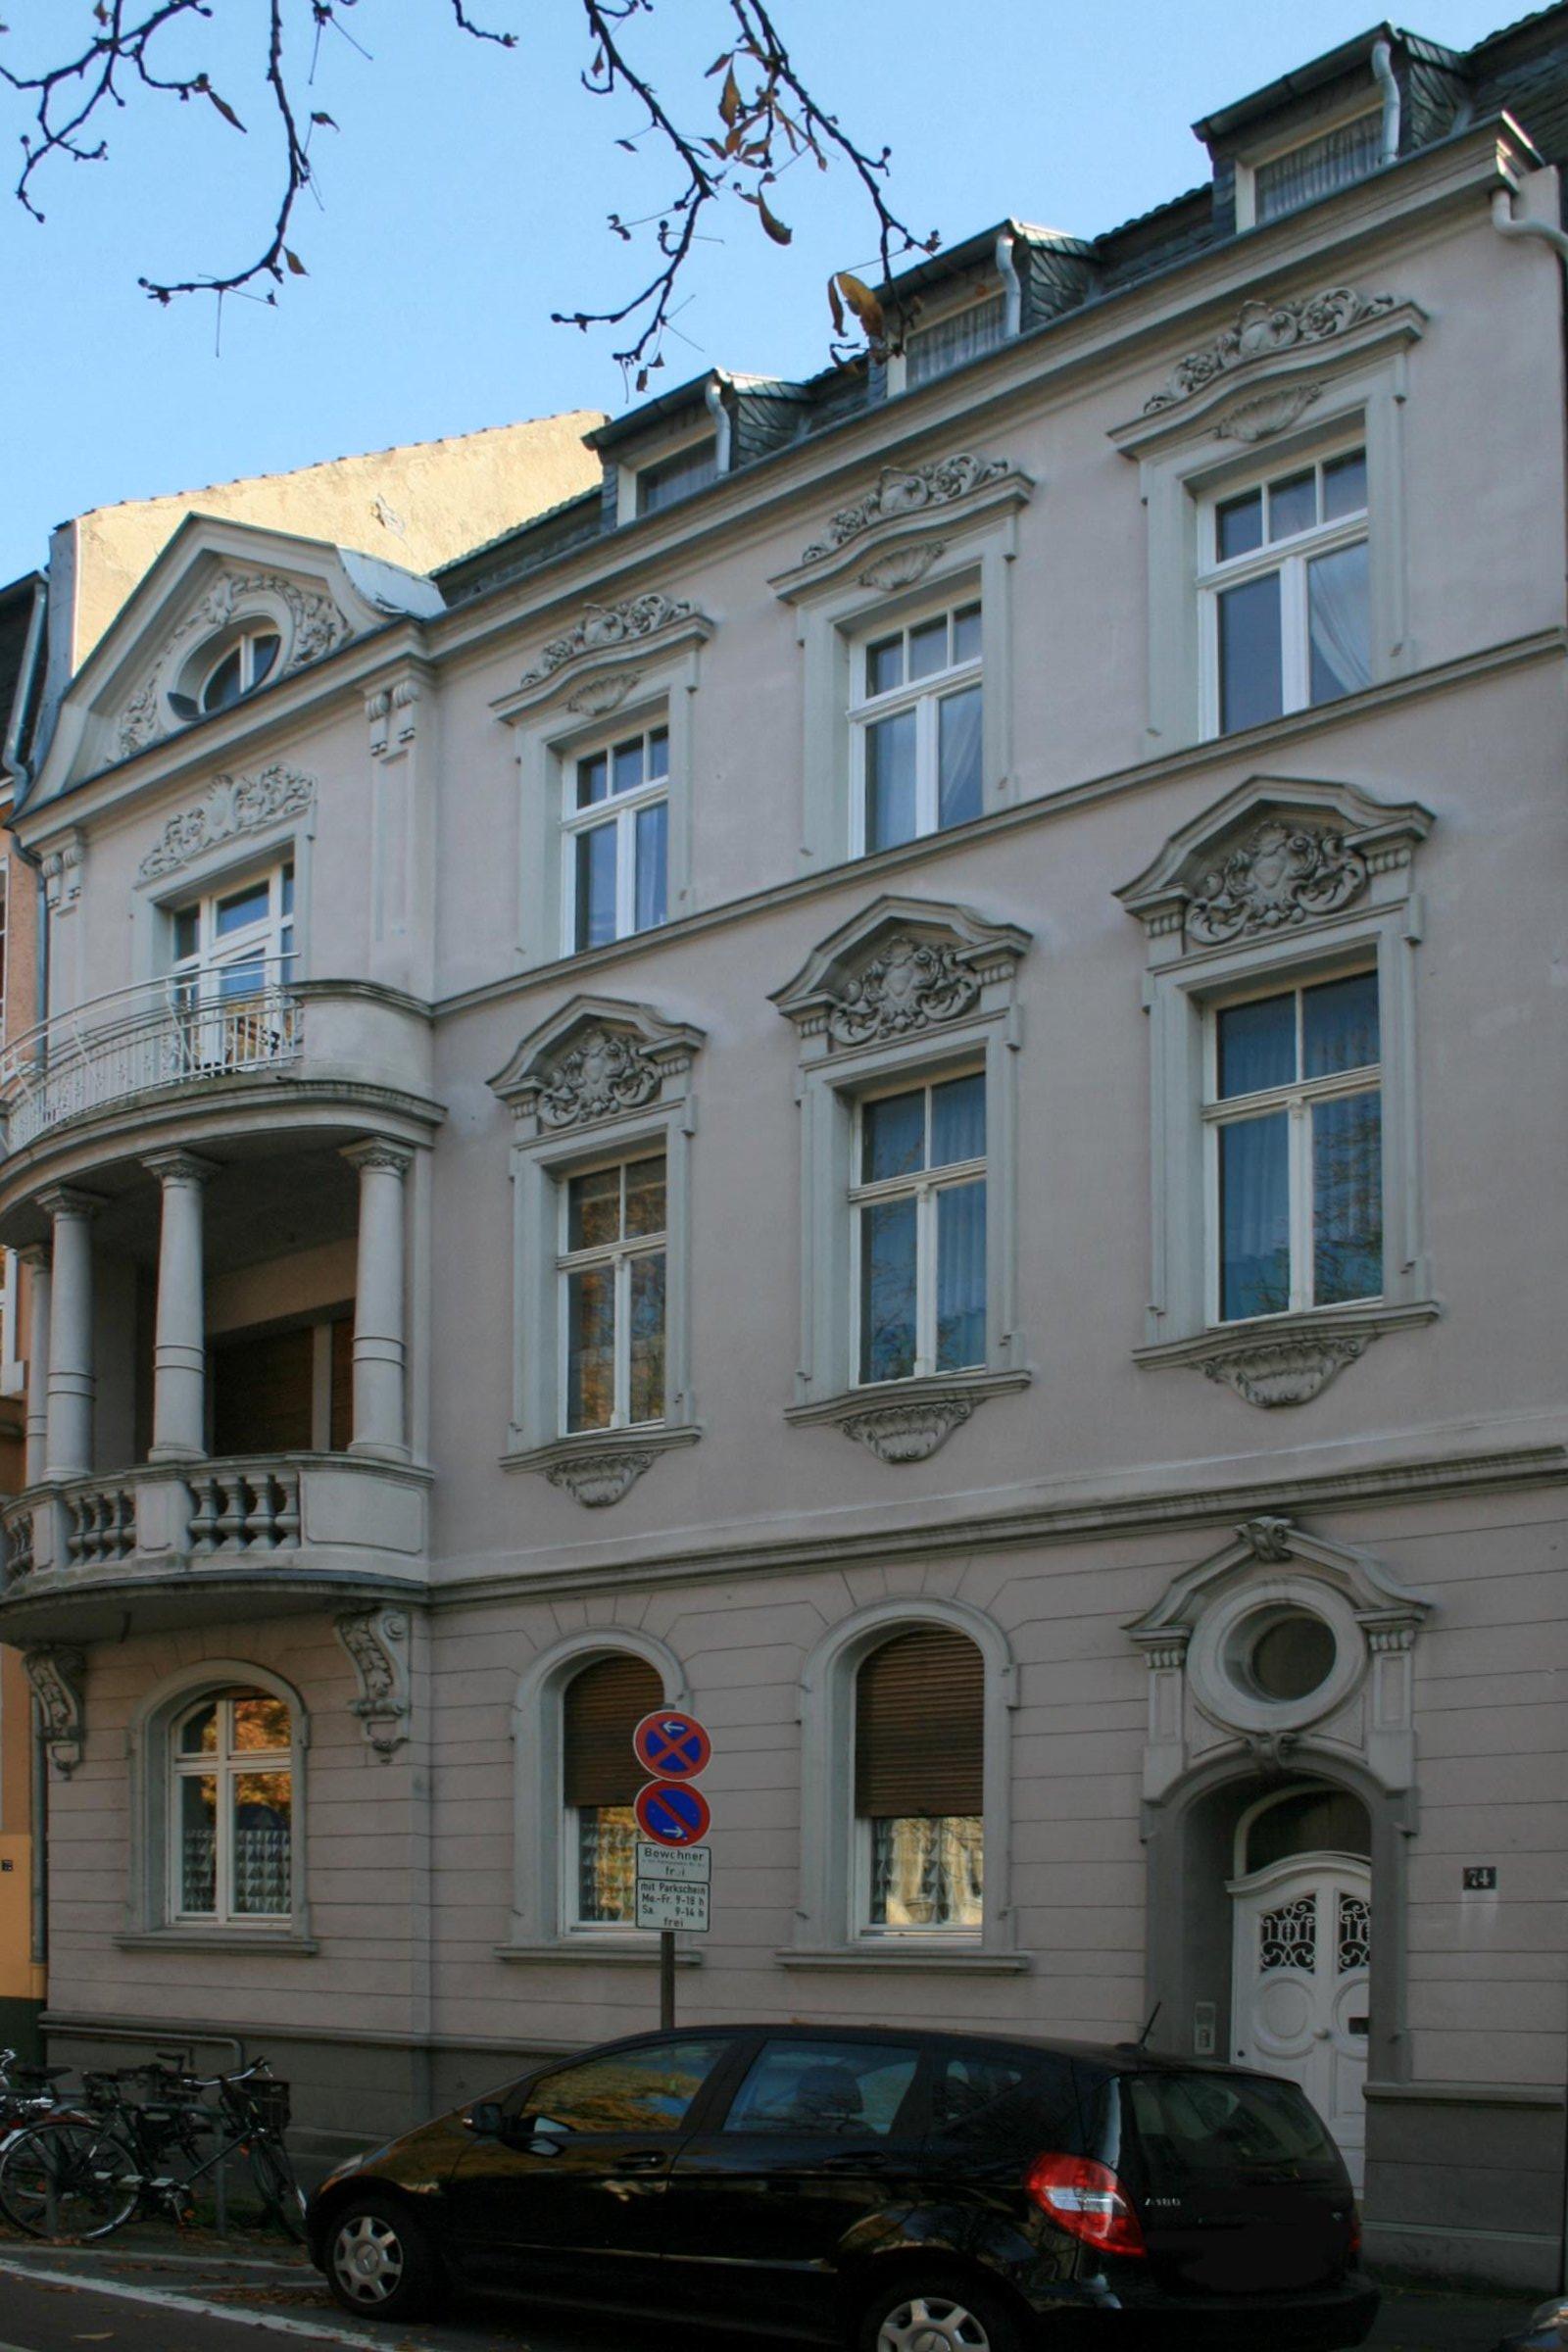 (136) 1-308 Wohnhaus, Drususallee 74 (Neuss).jpg